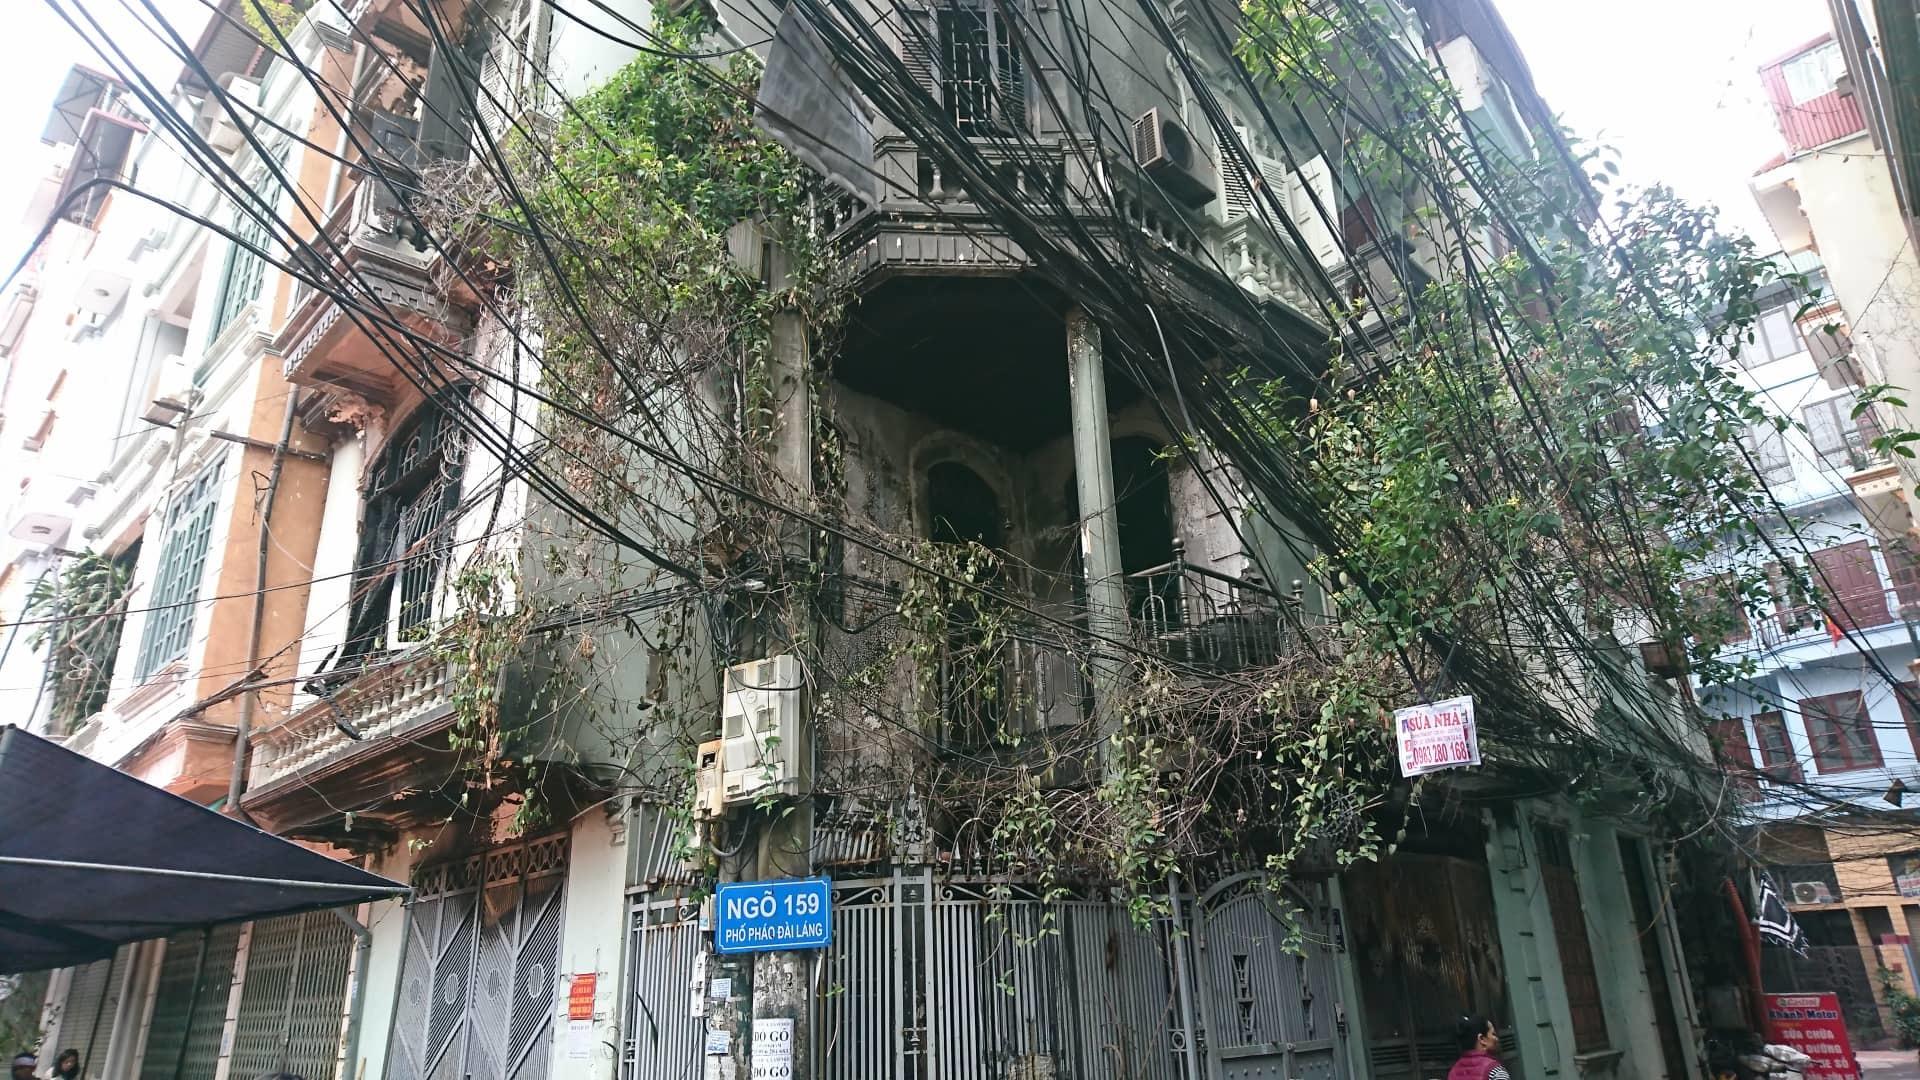 Hà Nội: Cháy nhà lúc rạng sáng, nhiều người nhập viện-6